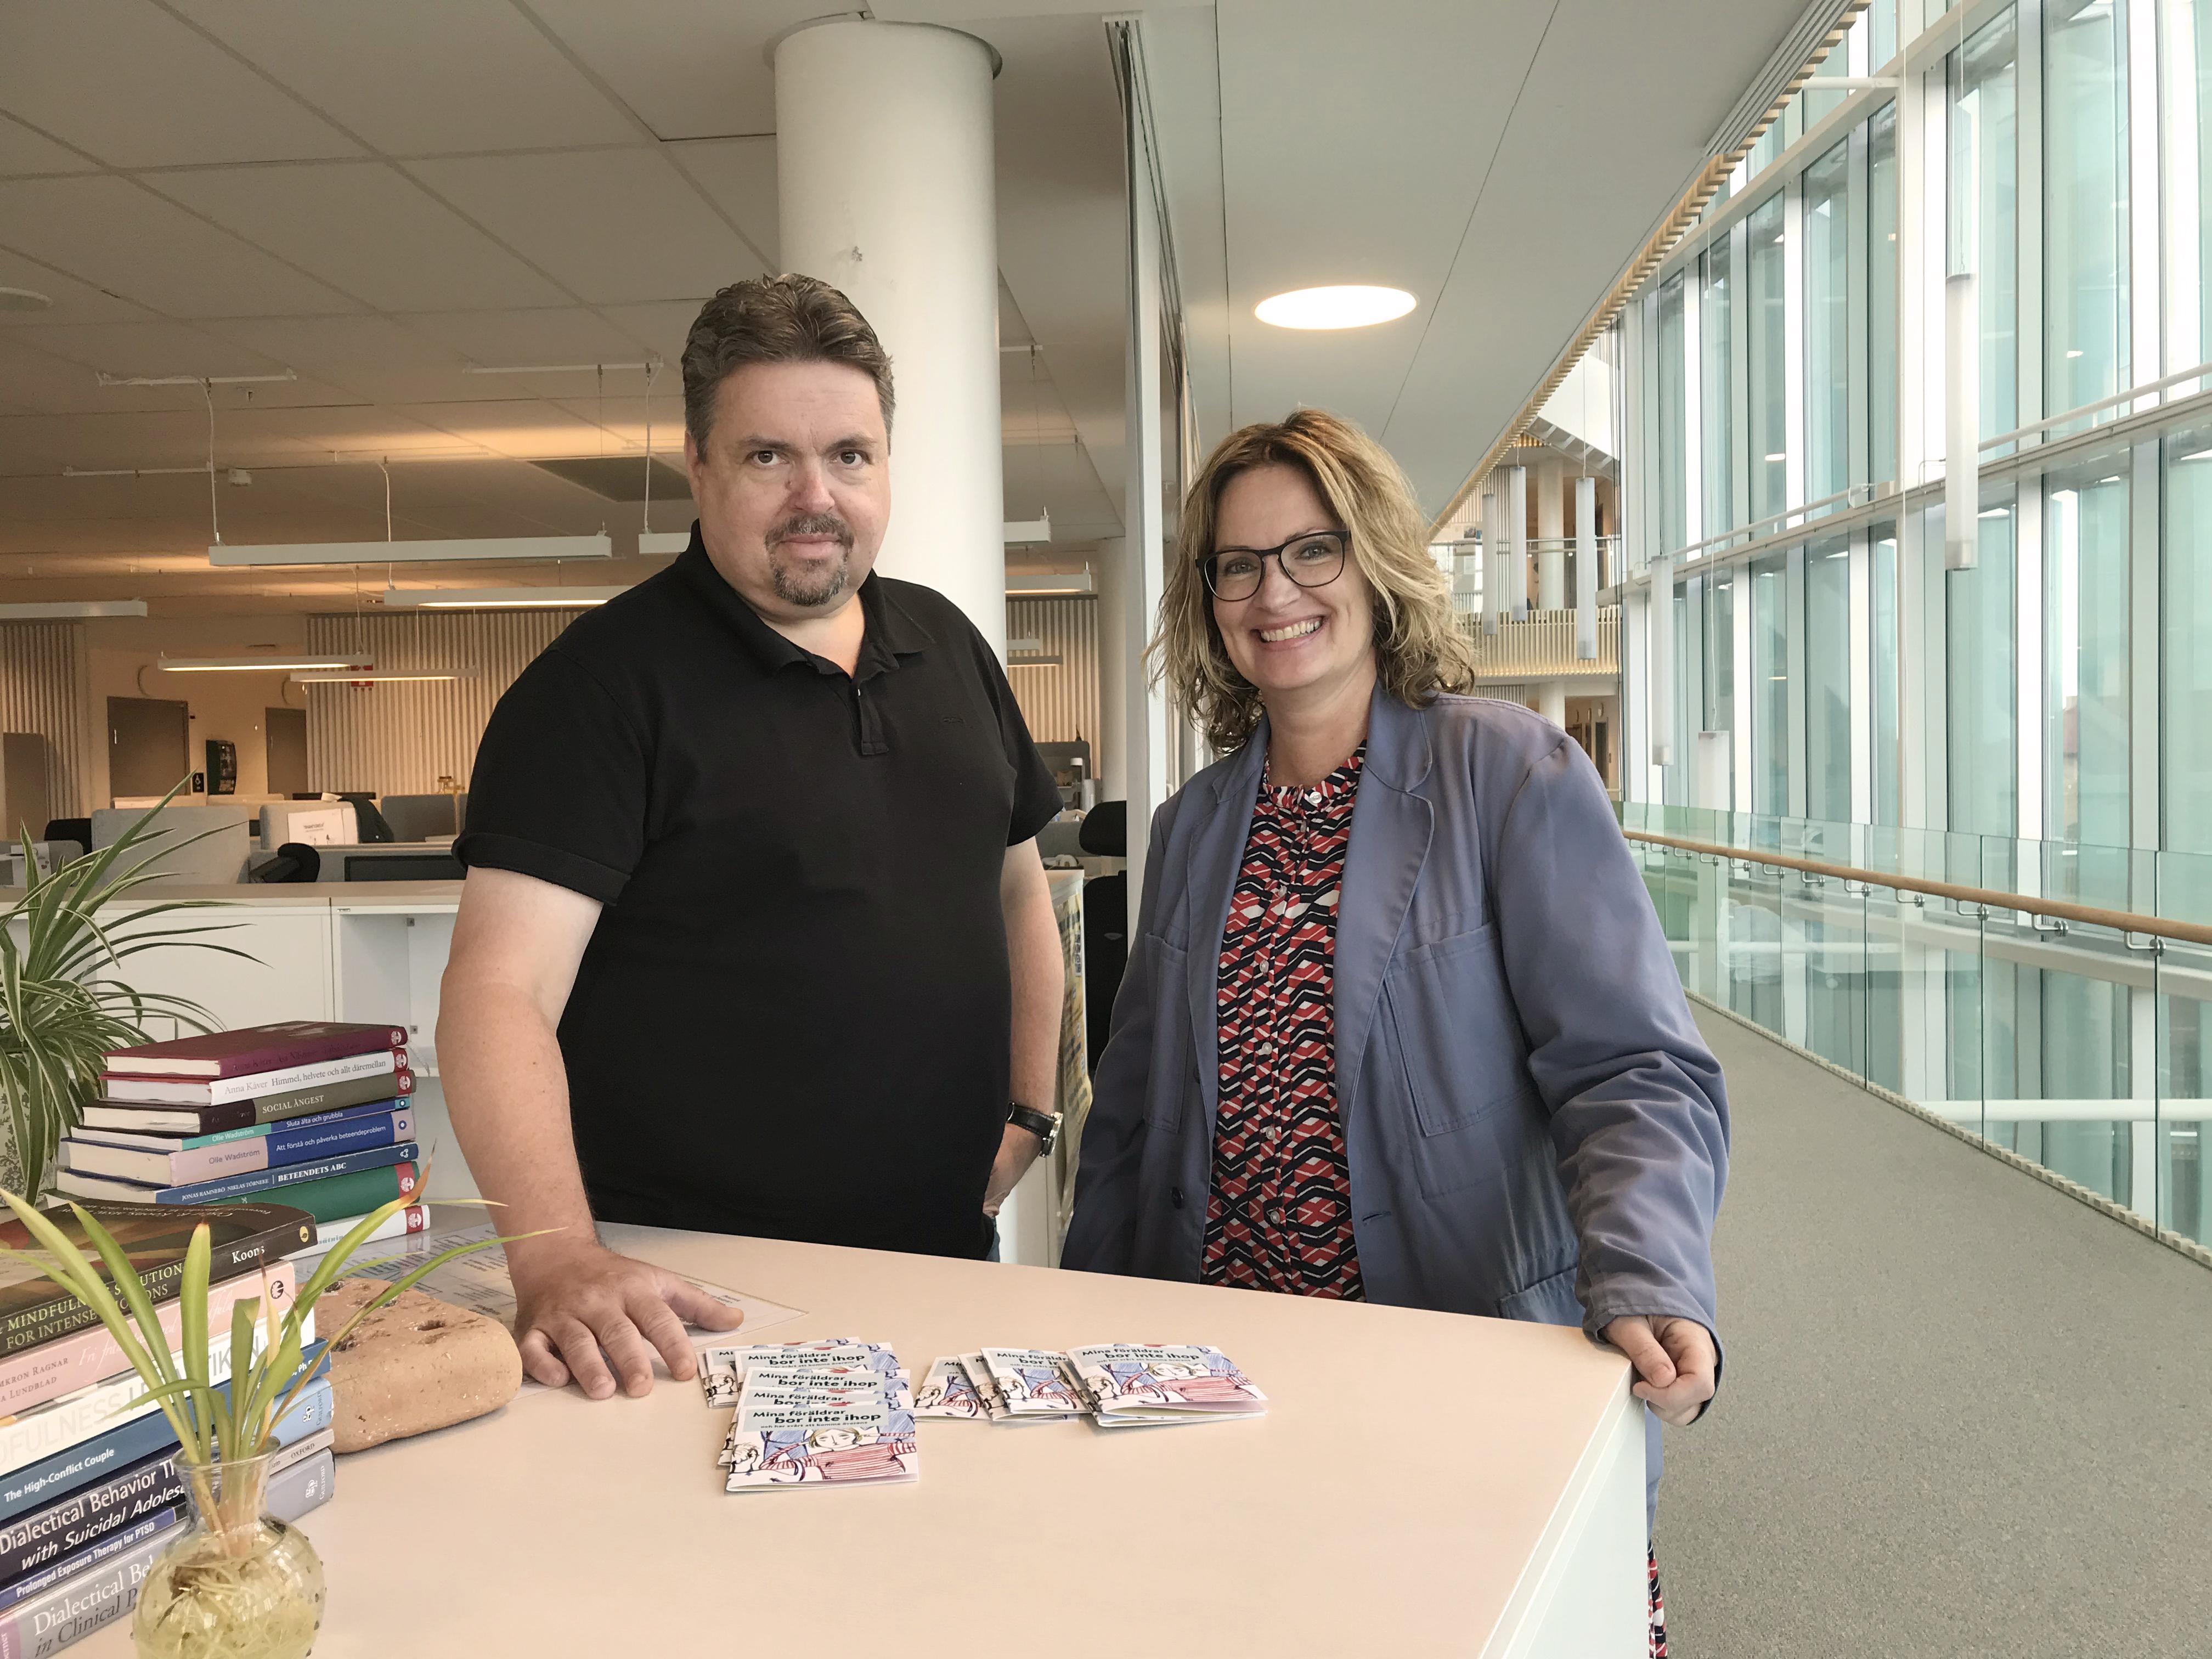 Familjerättens chef Tommy Persson och en av samtalsledarna, Maria Harvigsson, som arbetar med att stärka fokus på barnen i de samarbetssamtal som erbjuds vid svåra separationer.